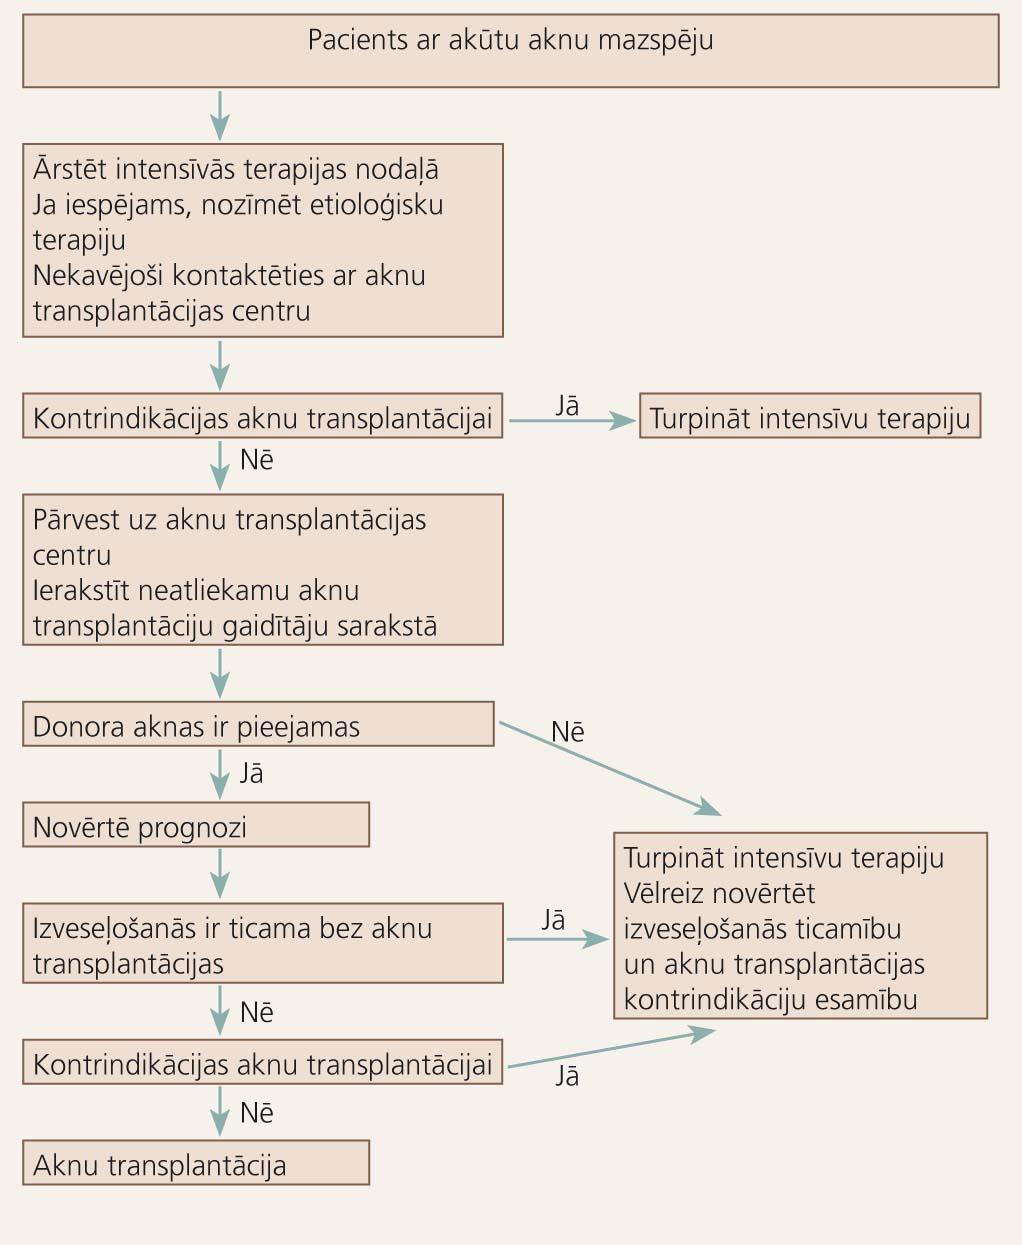 Akūtas aknu mazspējas ārstēšanas algoritms